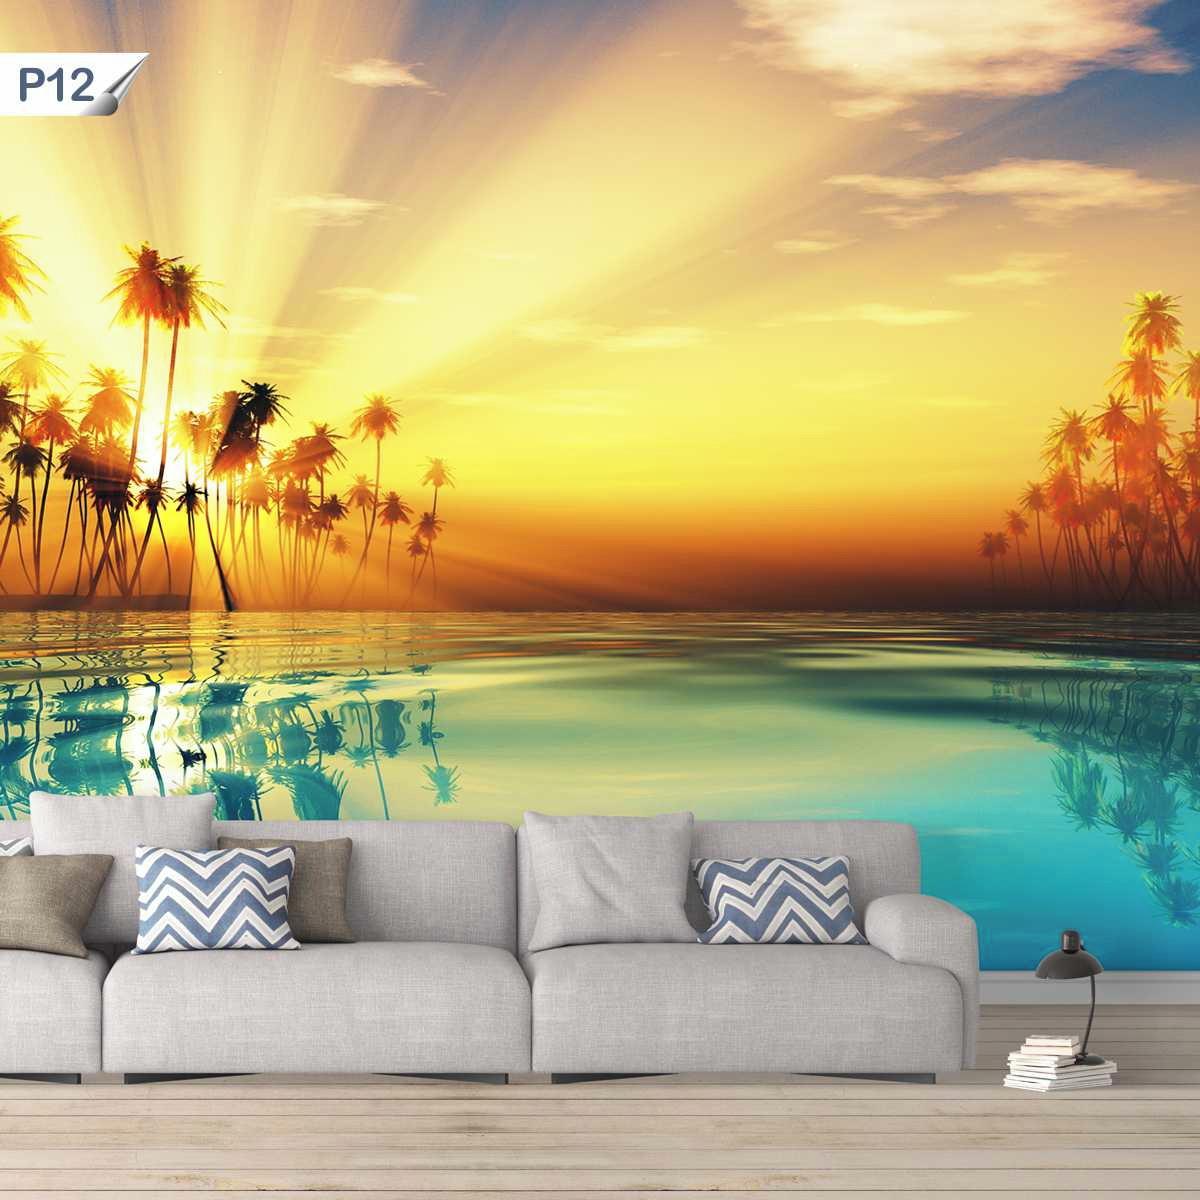 Papel De Parede Adesivo Por Do Sol Mar Paisagem Natureza P12 No